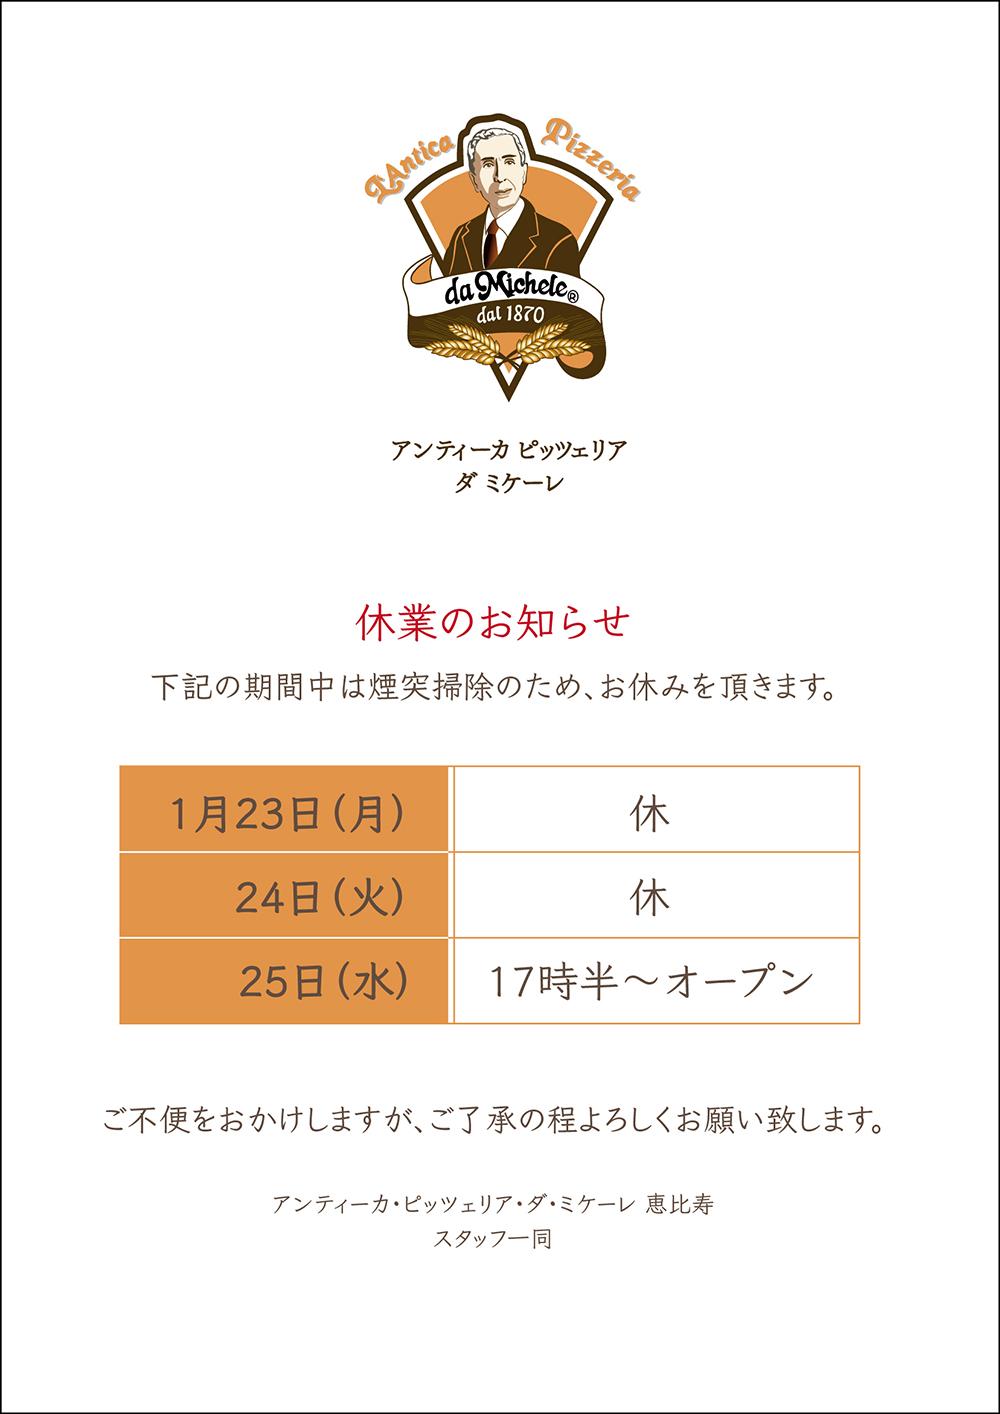 dme_1701_煙突掃除のお知らせ.jpg